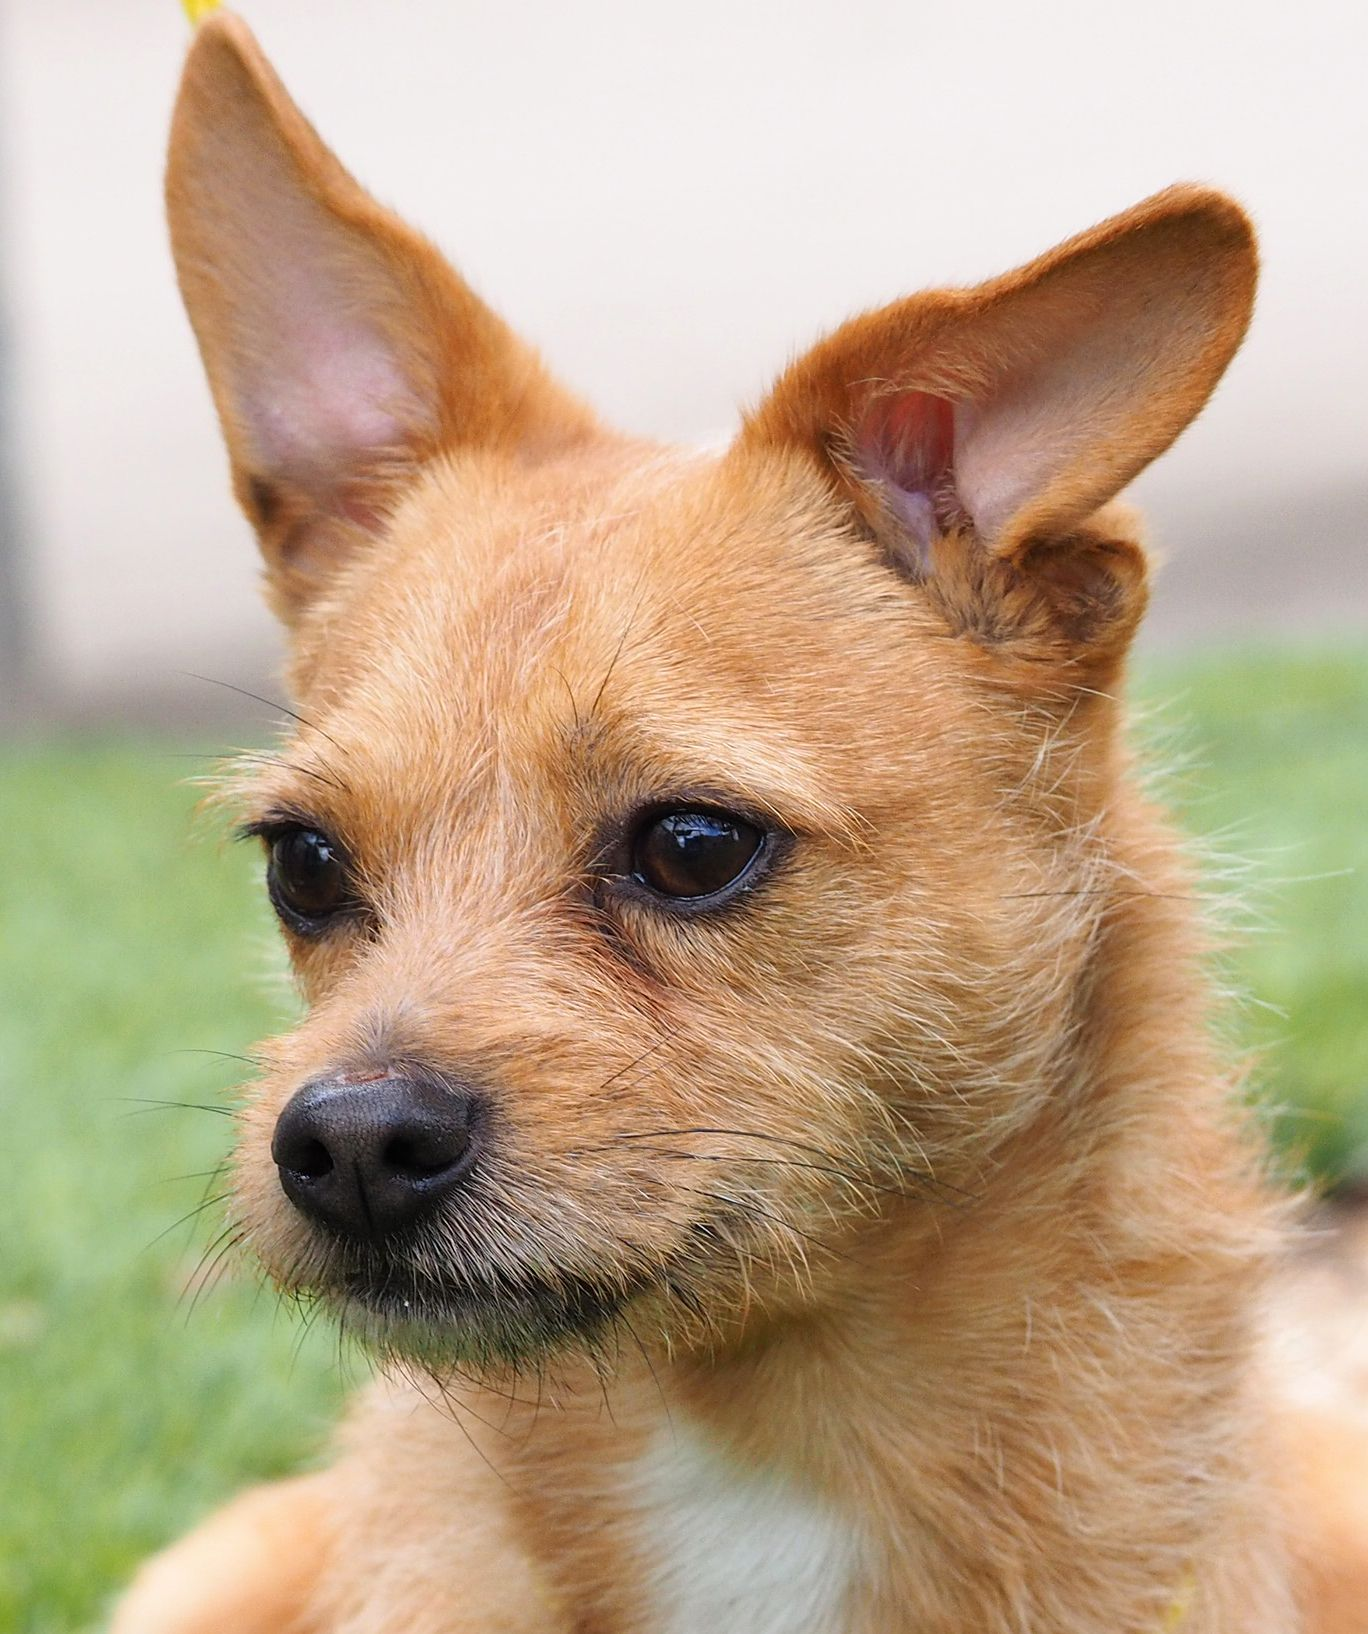 Dog adoption, Dogs, Canine